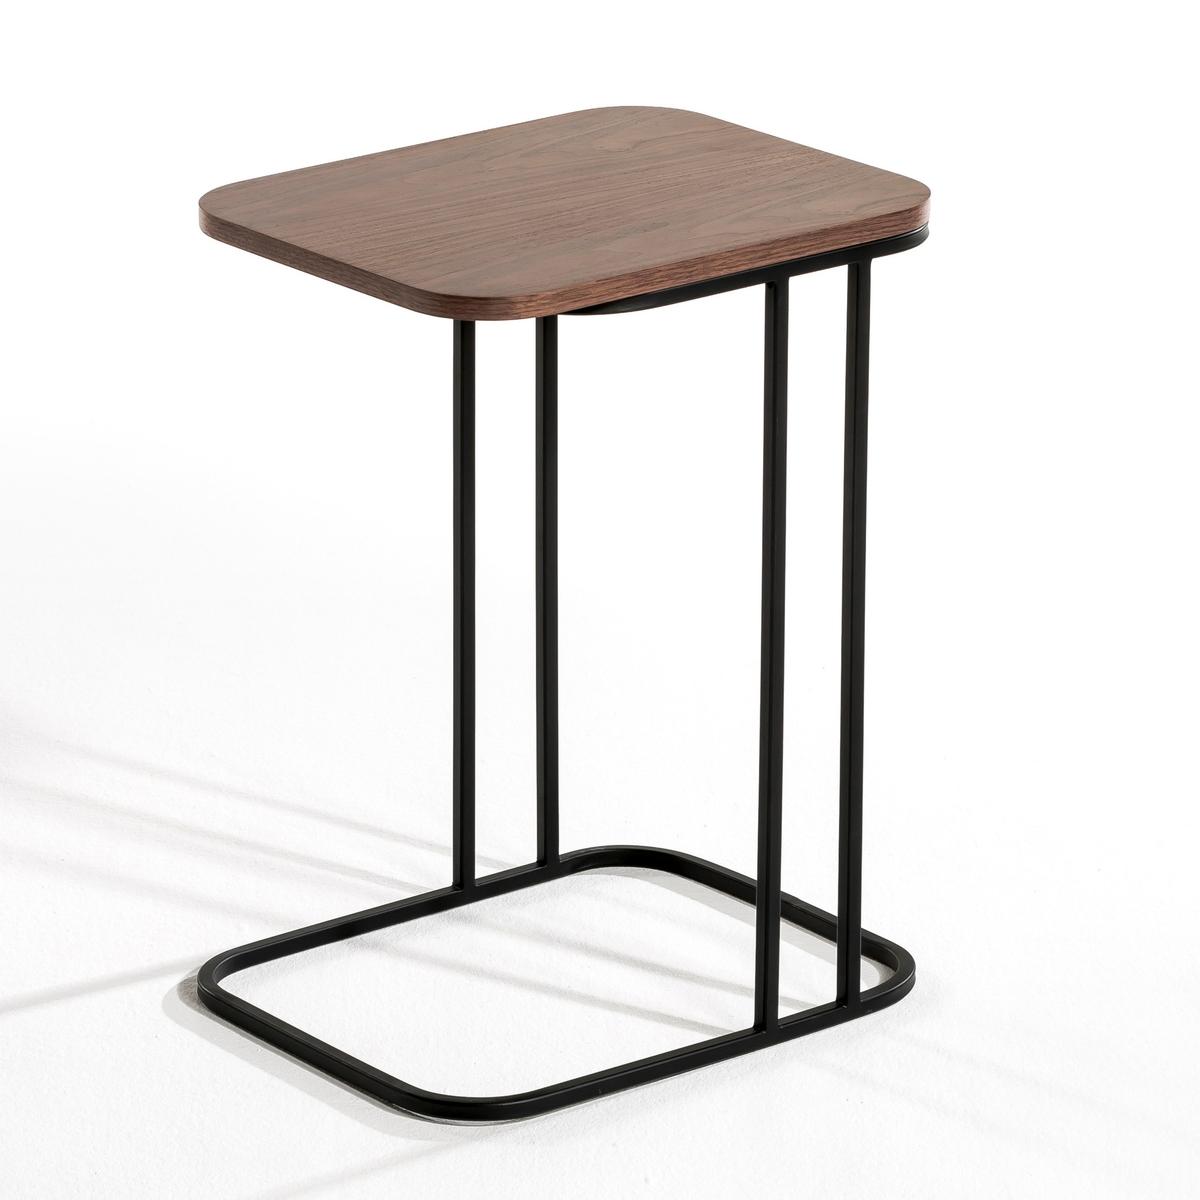 Придиванный LaRedoute Столик Trebor дизайн Э Галлины единый размер каштановый столик laredoute журнальный из дуба покрытого олифой adelita единый размер каштановый